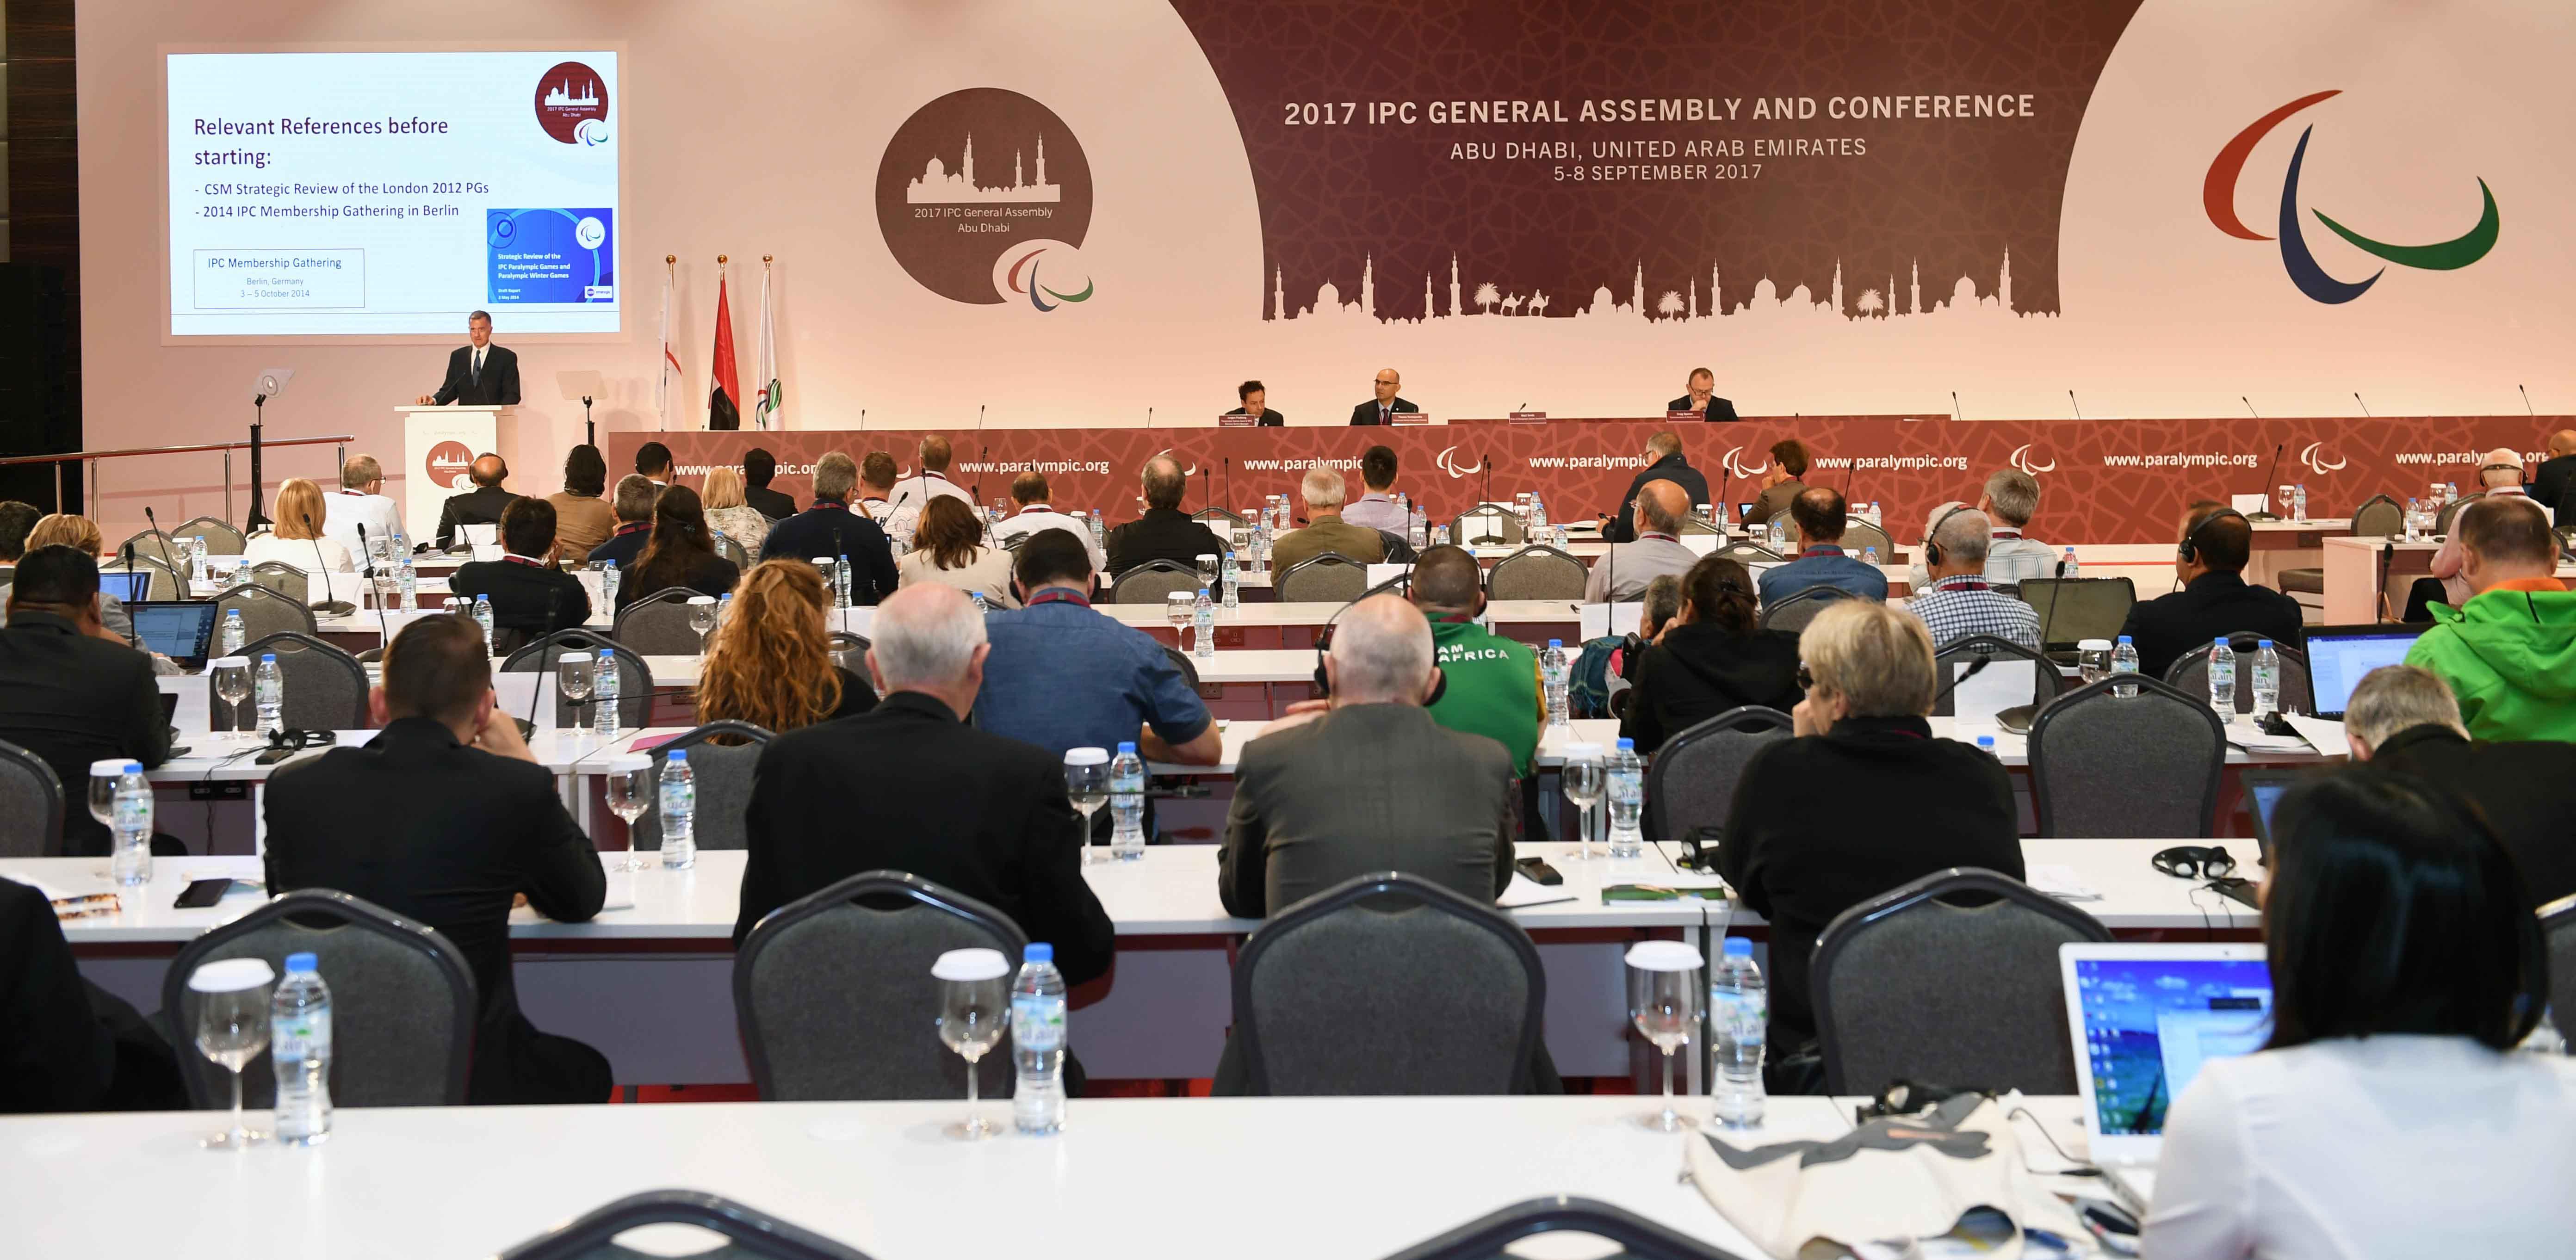 نهيان بن مبارك يفتتح فعاليات المؤتمر الدولي للجنة البارالمبية الدولية 4